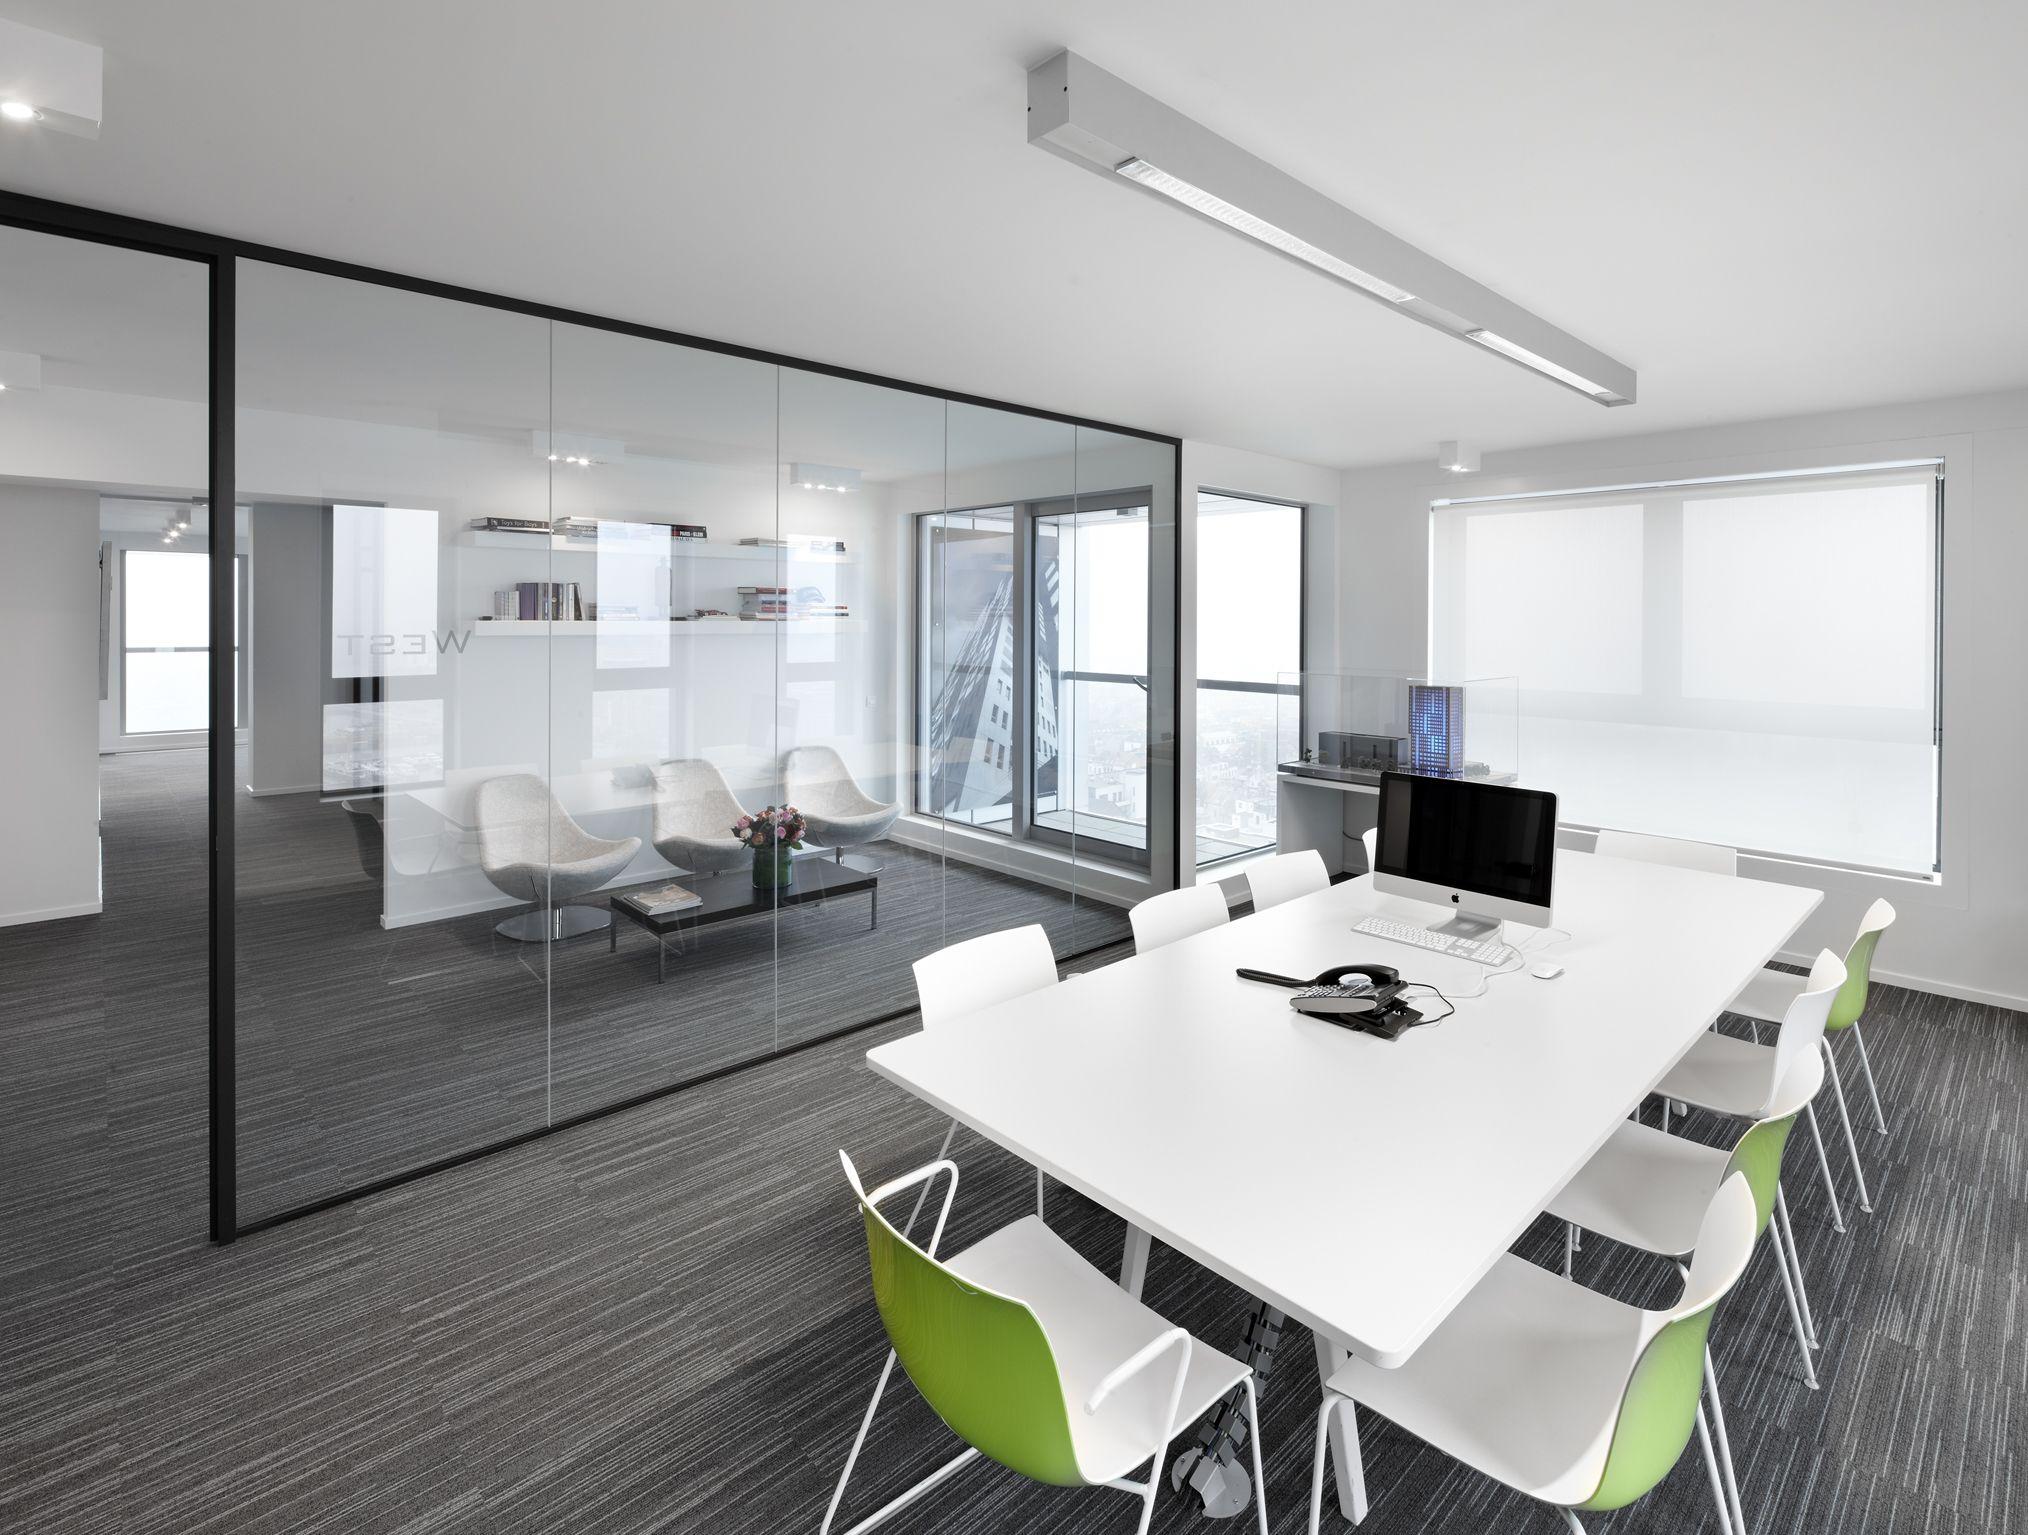 Kantoren gands oficinas pinterest oficinas oficinas for Pinterest oficinas modernas